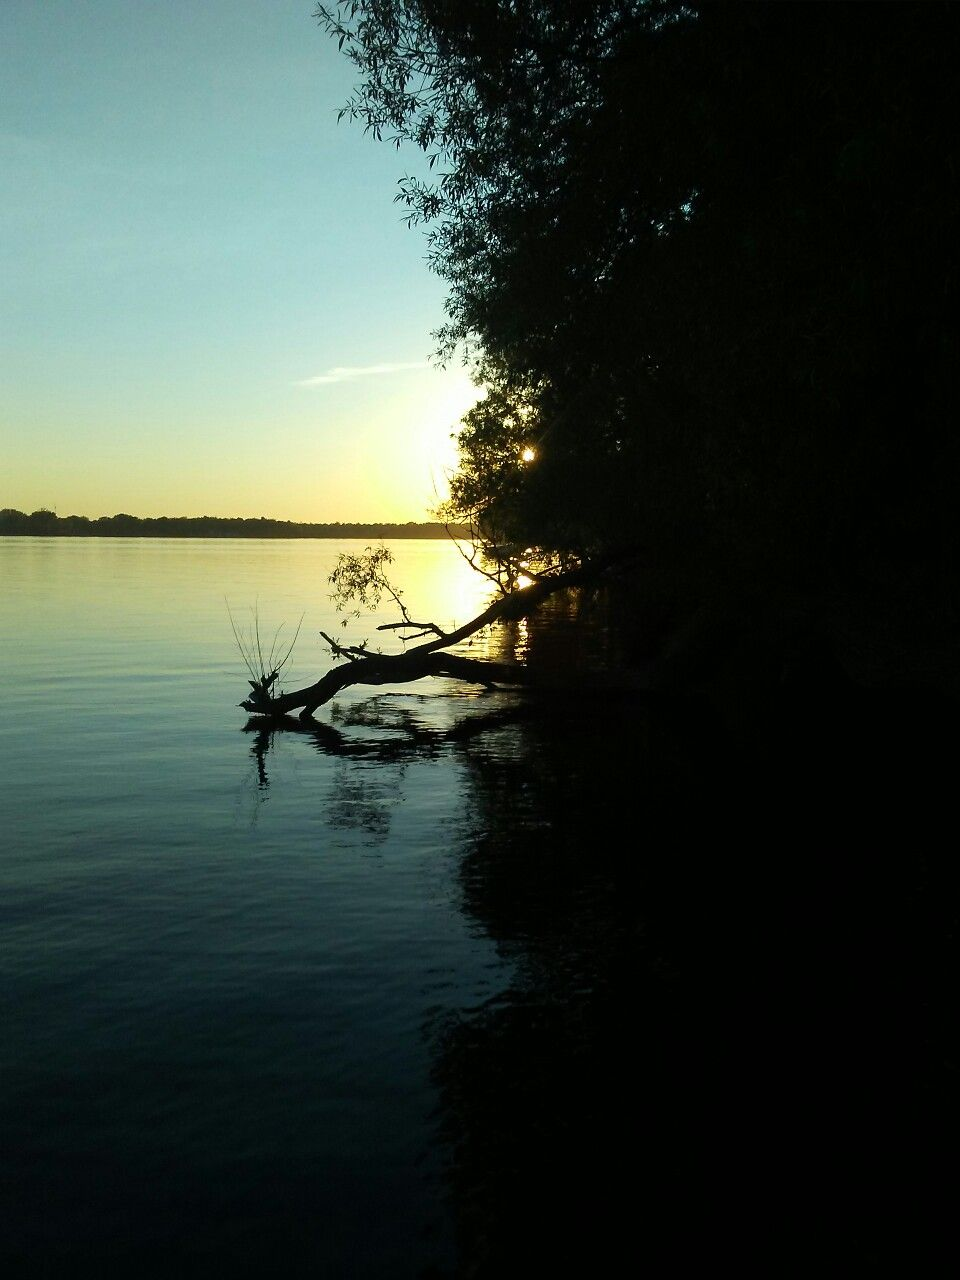 Sunset on Mississippi Lake, Ontario, Canada. Sunset